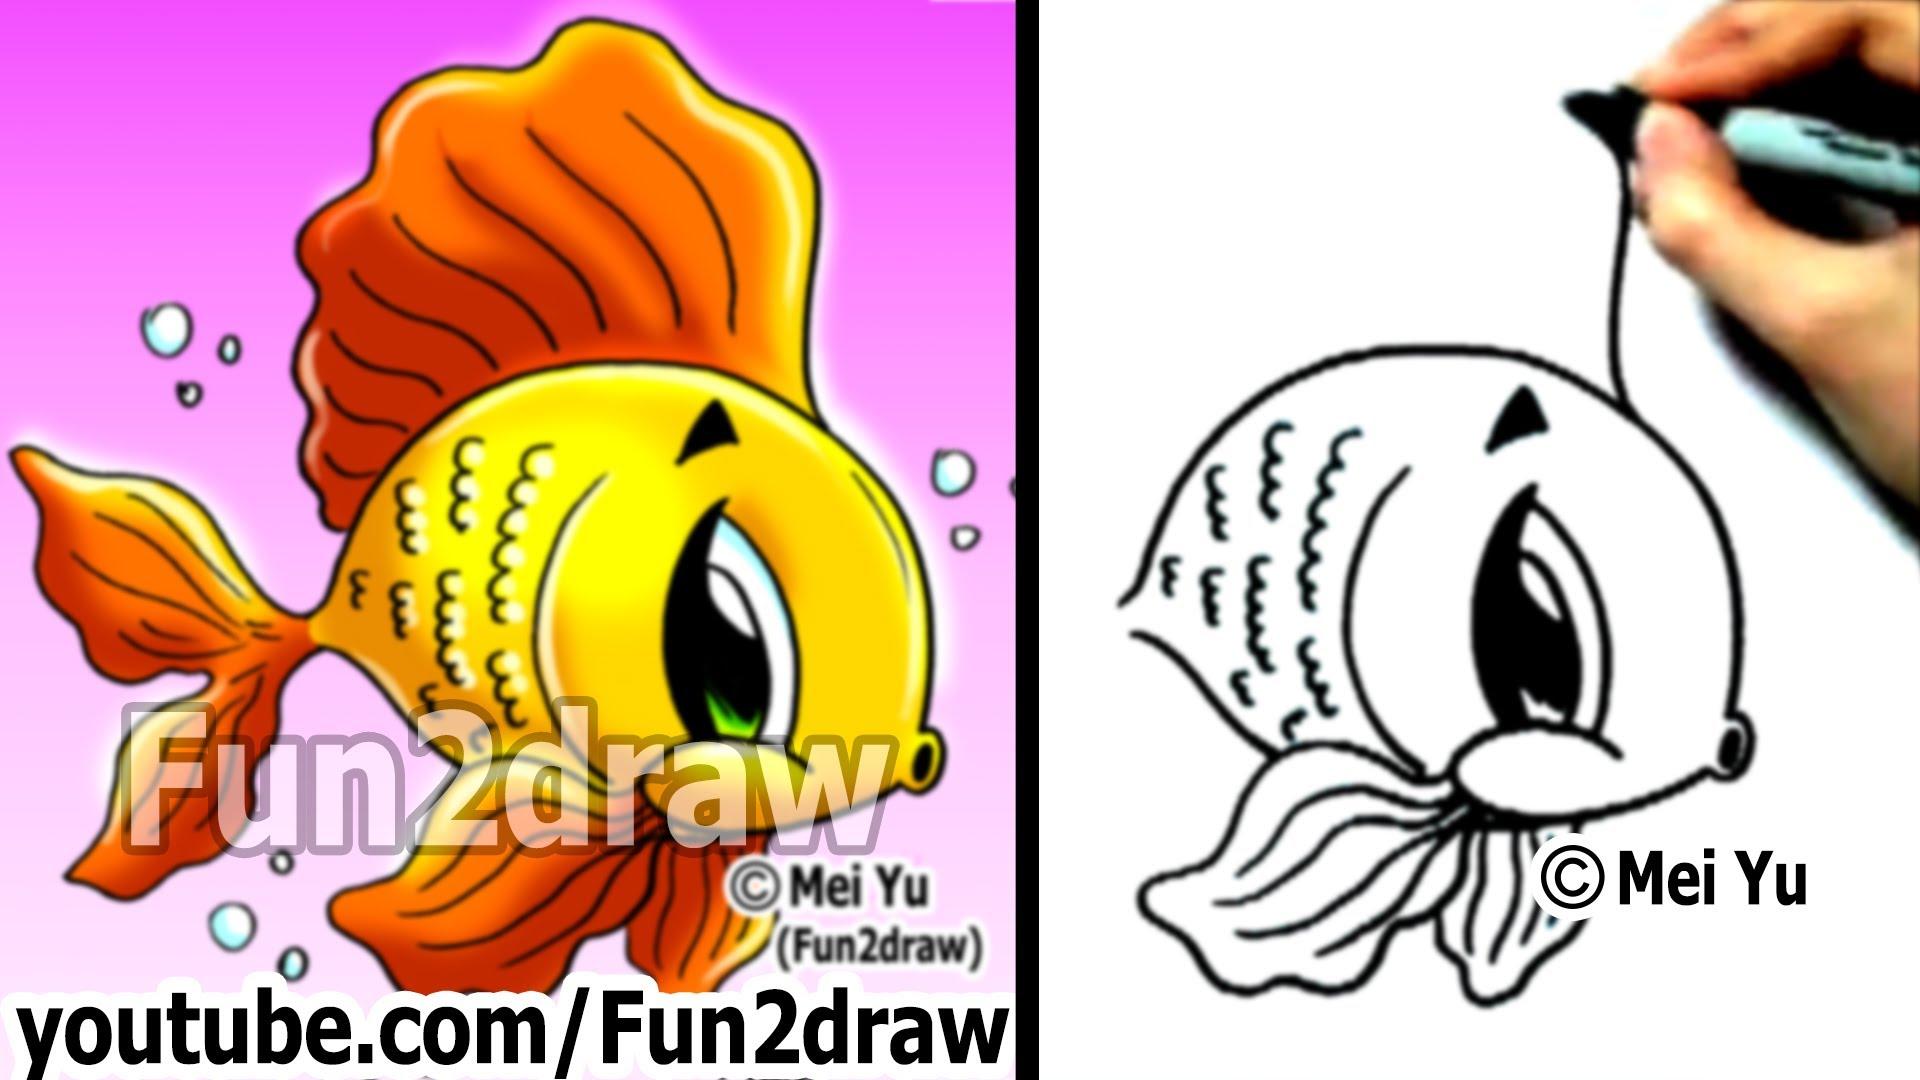 Drawn sea turtle fun2draw To How Fun2draw Draw 2